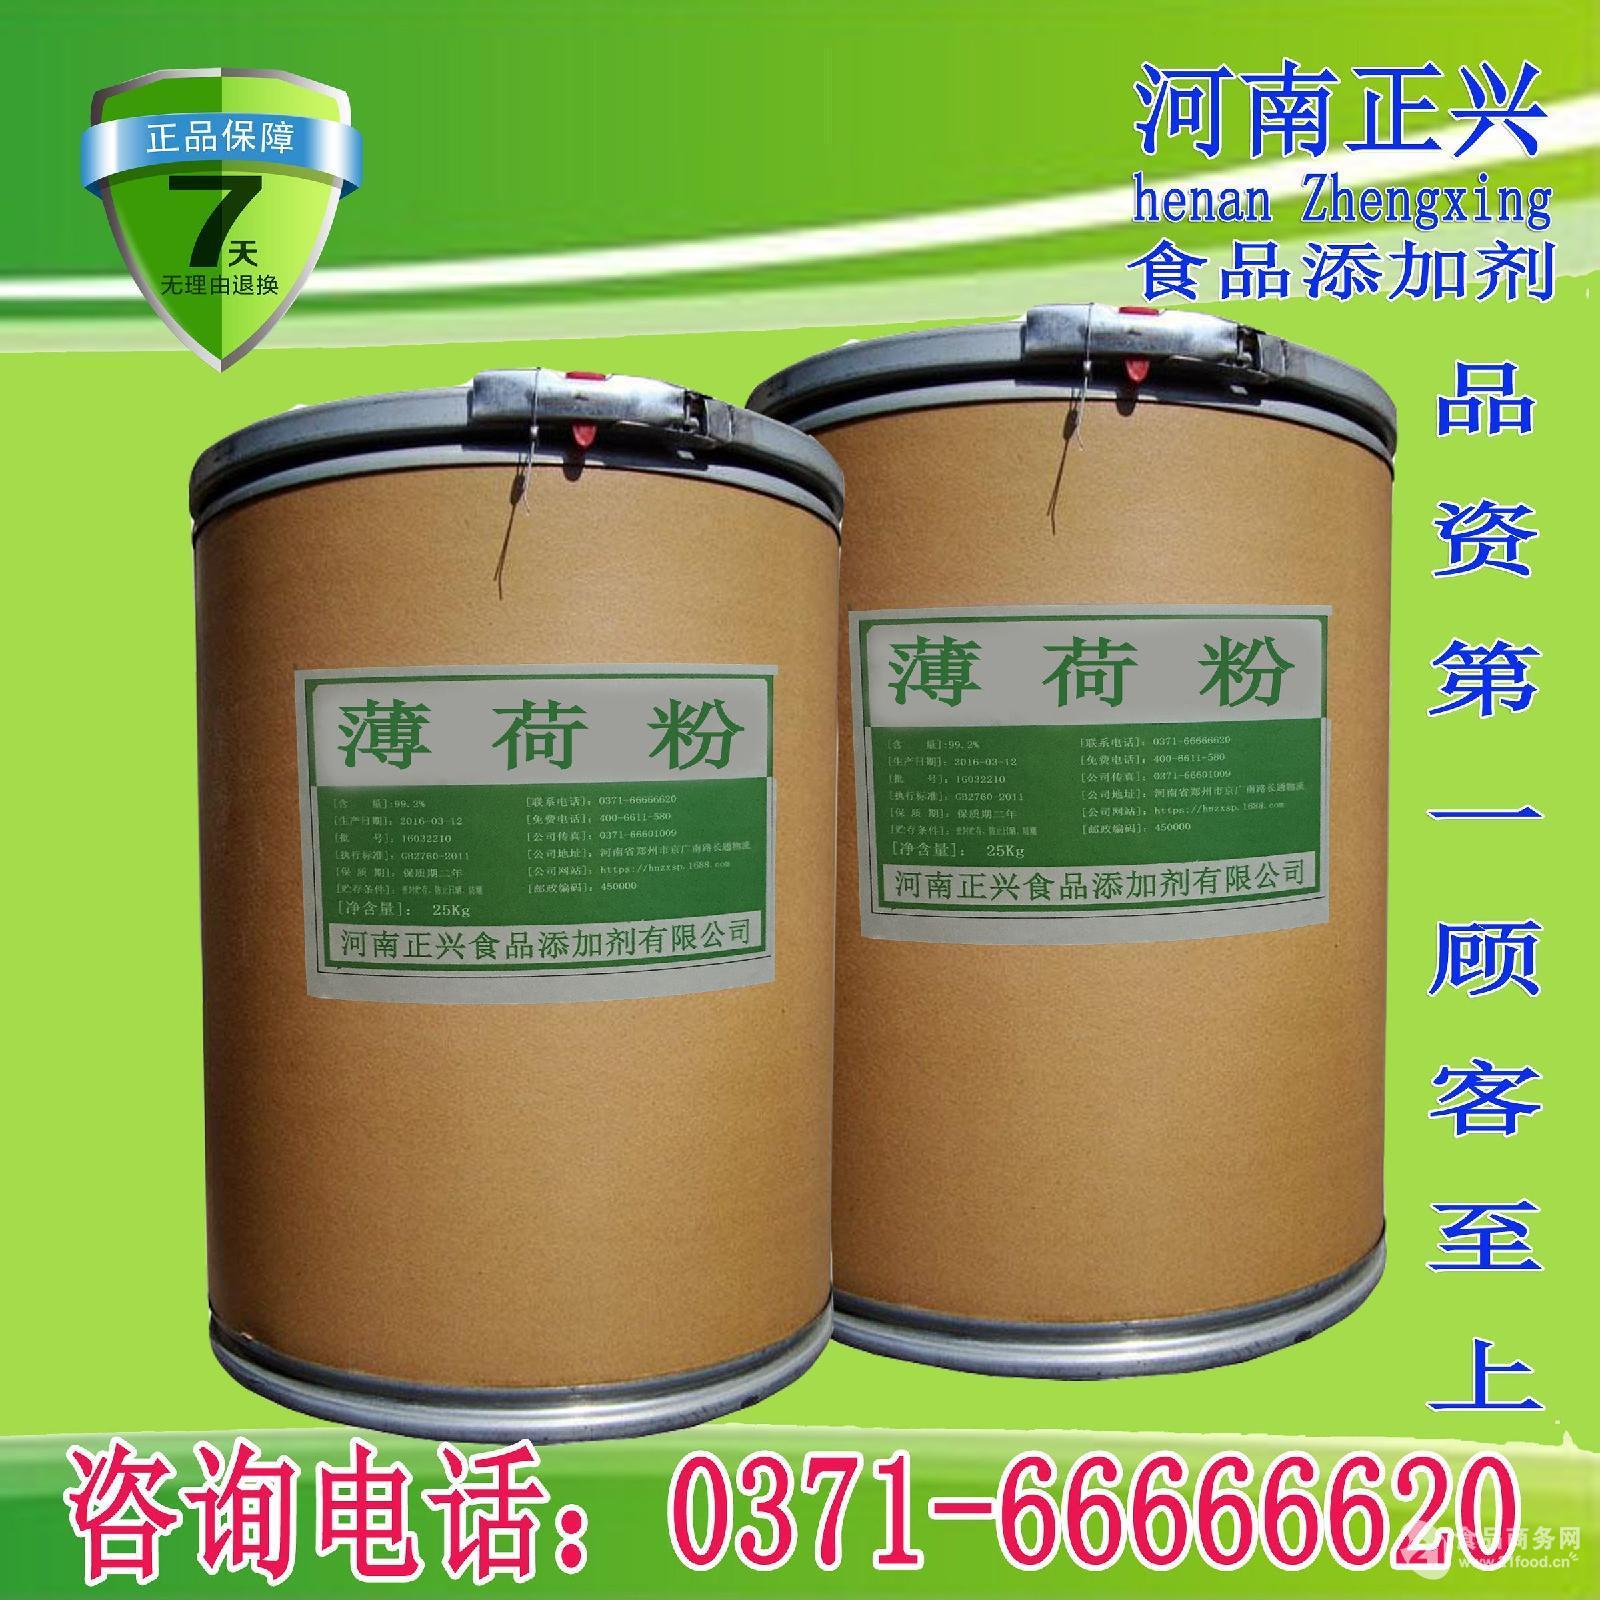 厂家直销 天然提取 薄荷粉 99%